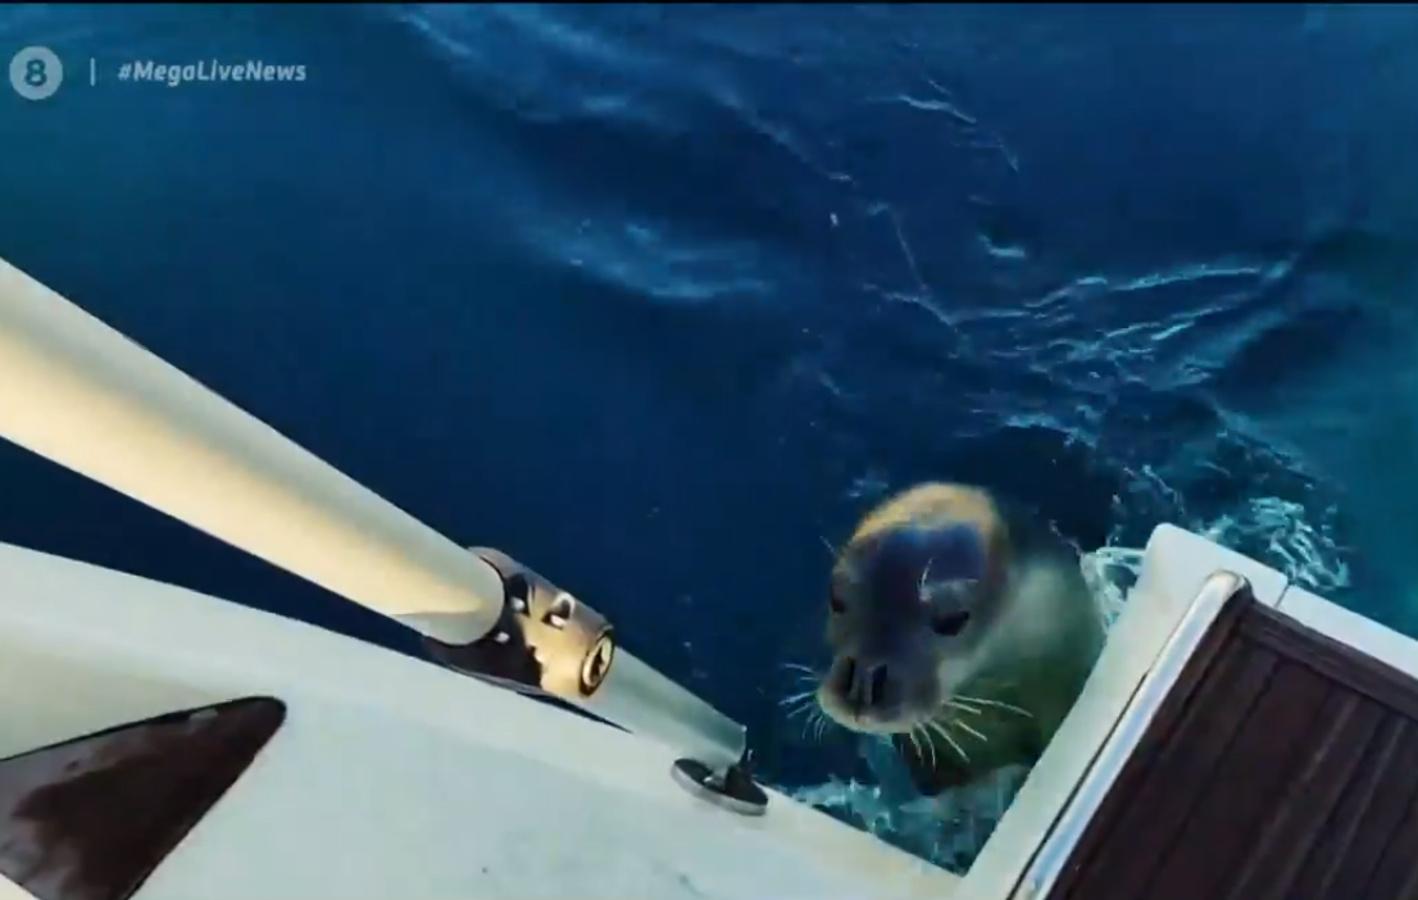 Αλόννησος: Αναστάτωση από την επίθεση φώκιας σε τουρίστρια – Σοκάρει η μαρτυρία της αδερφής της